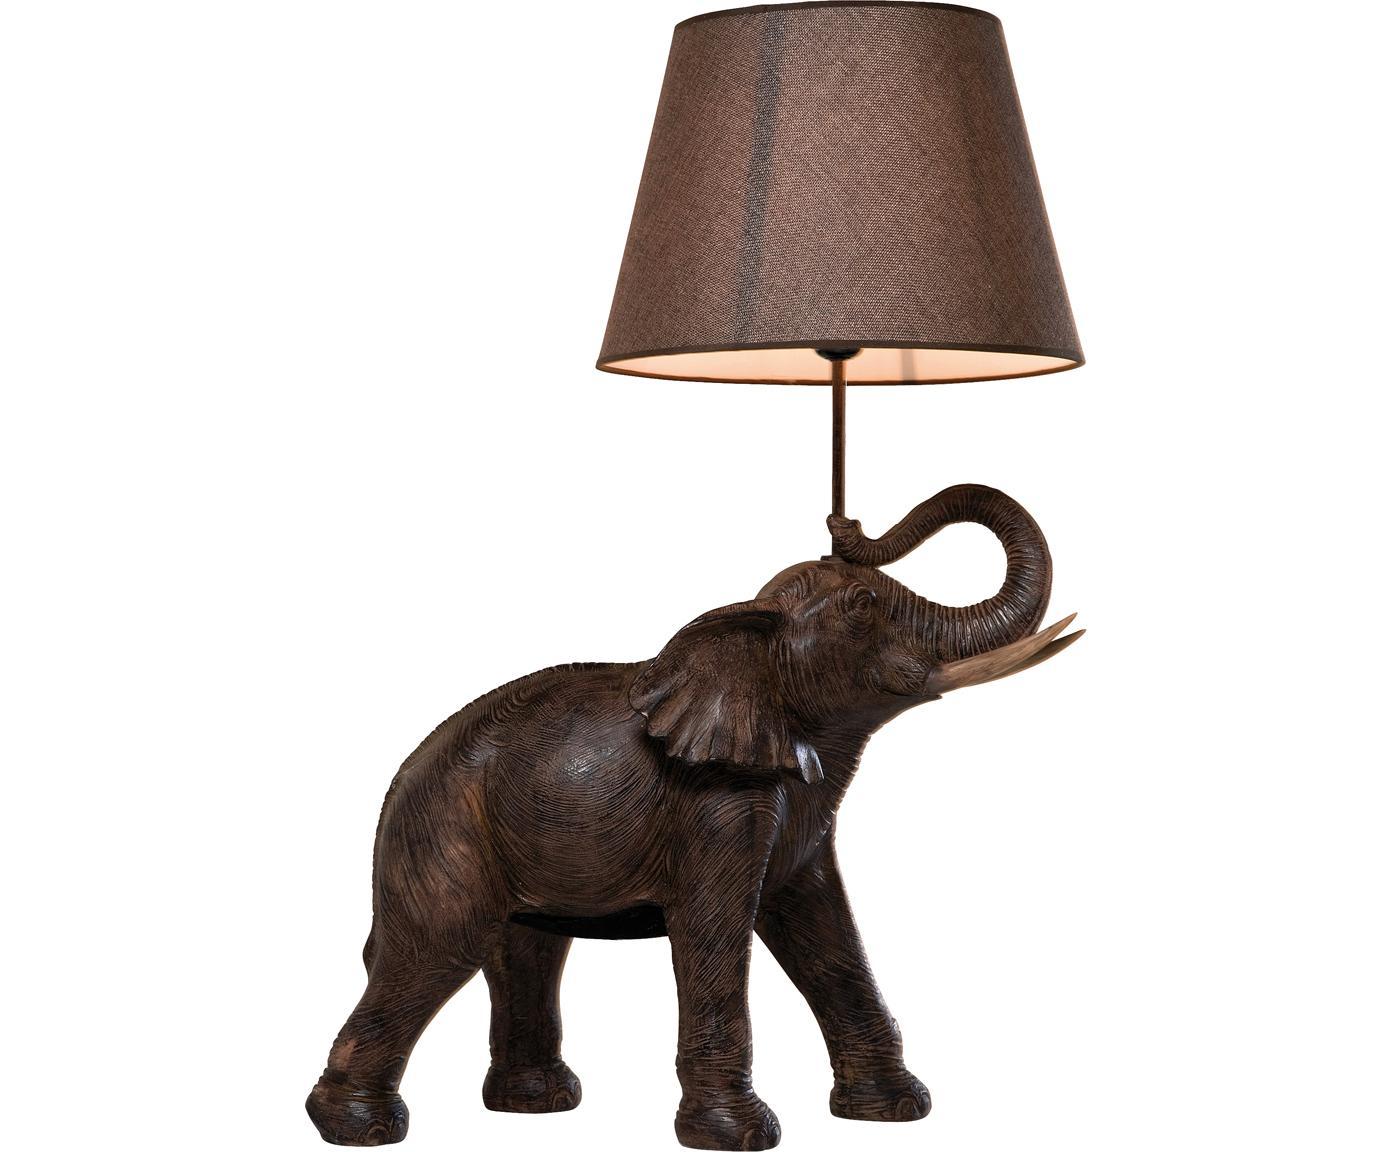 Tischleuchte Elephant, Lampenschirm: Leinen, Stange: Stahl, pulverbeschichtet, Taupe, Braun, 52 x 74 cm